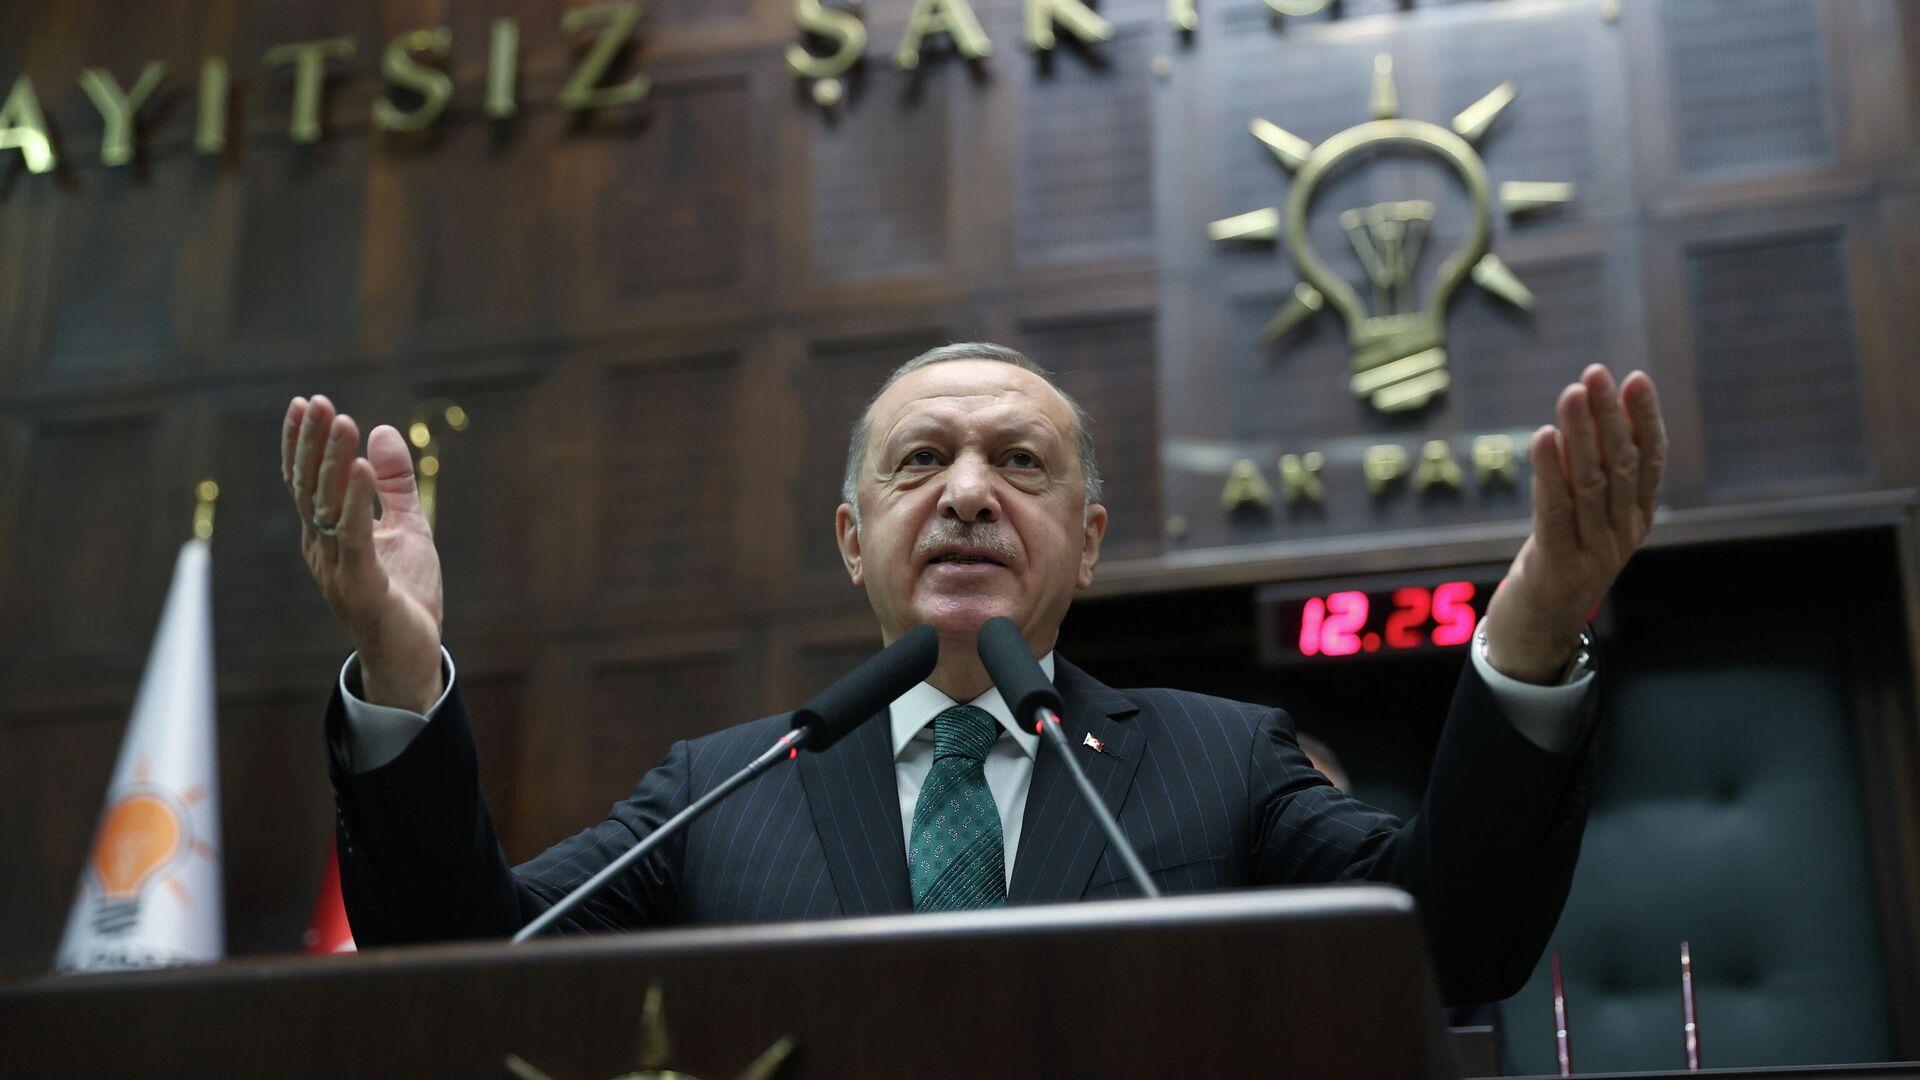 El presidente de Turquía, Recep Tayyip Erdogan - Sputnik Mundo, 1920, 15.02.2021